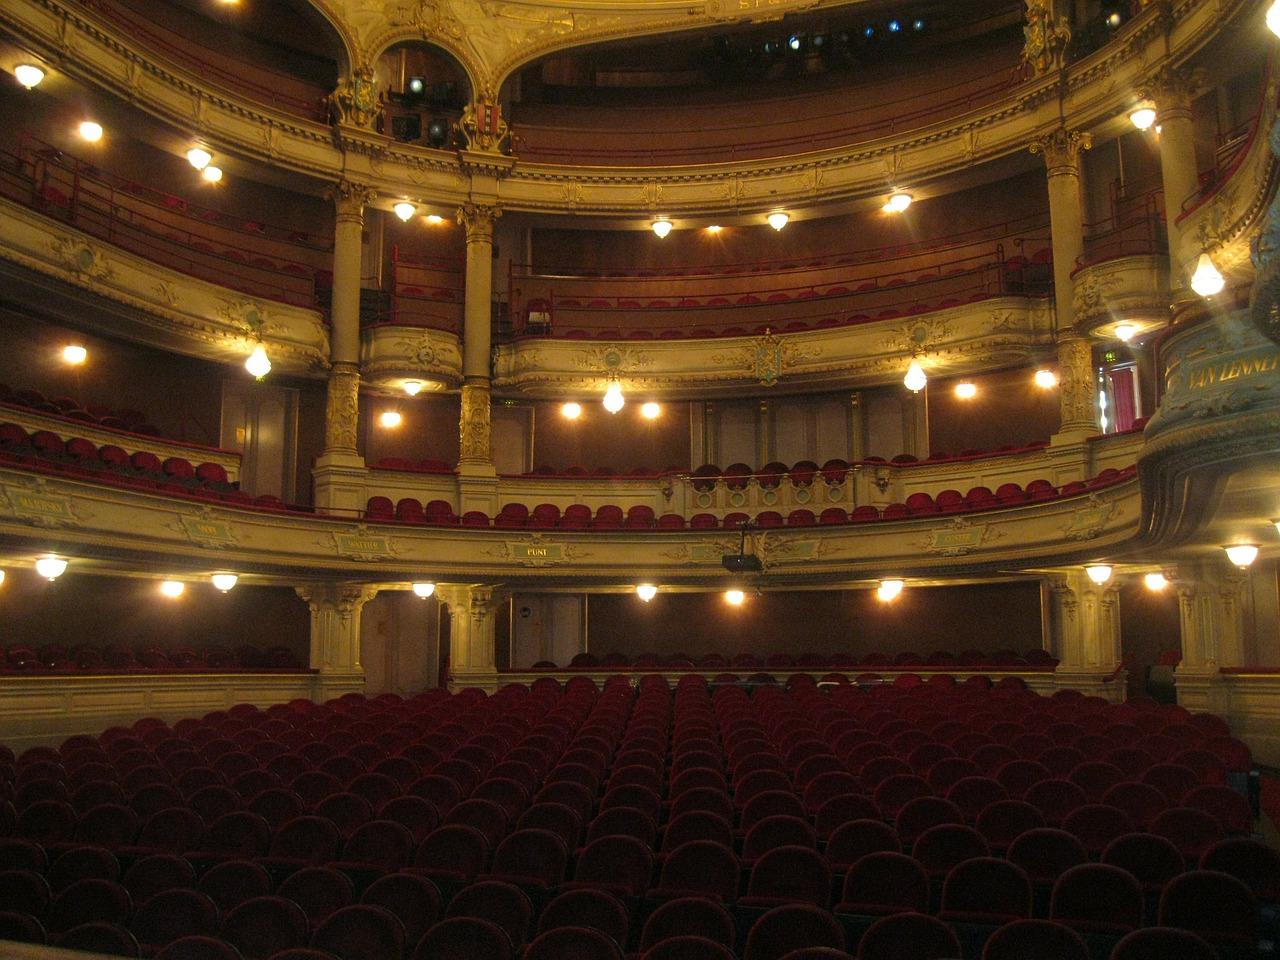 Un teatro visto dal palco degli attori